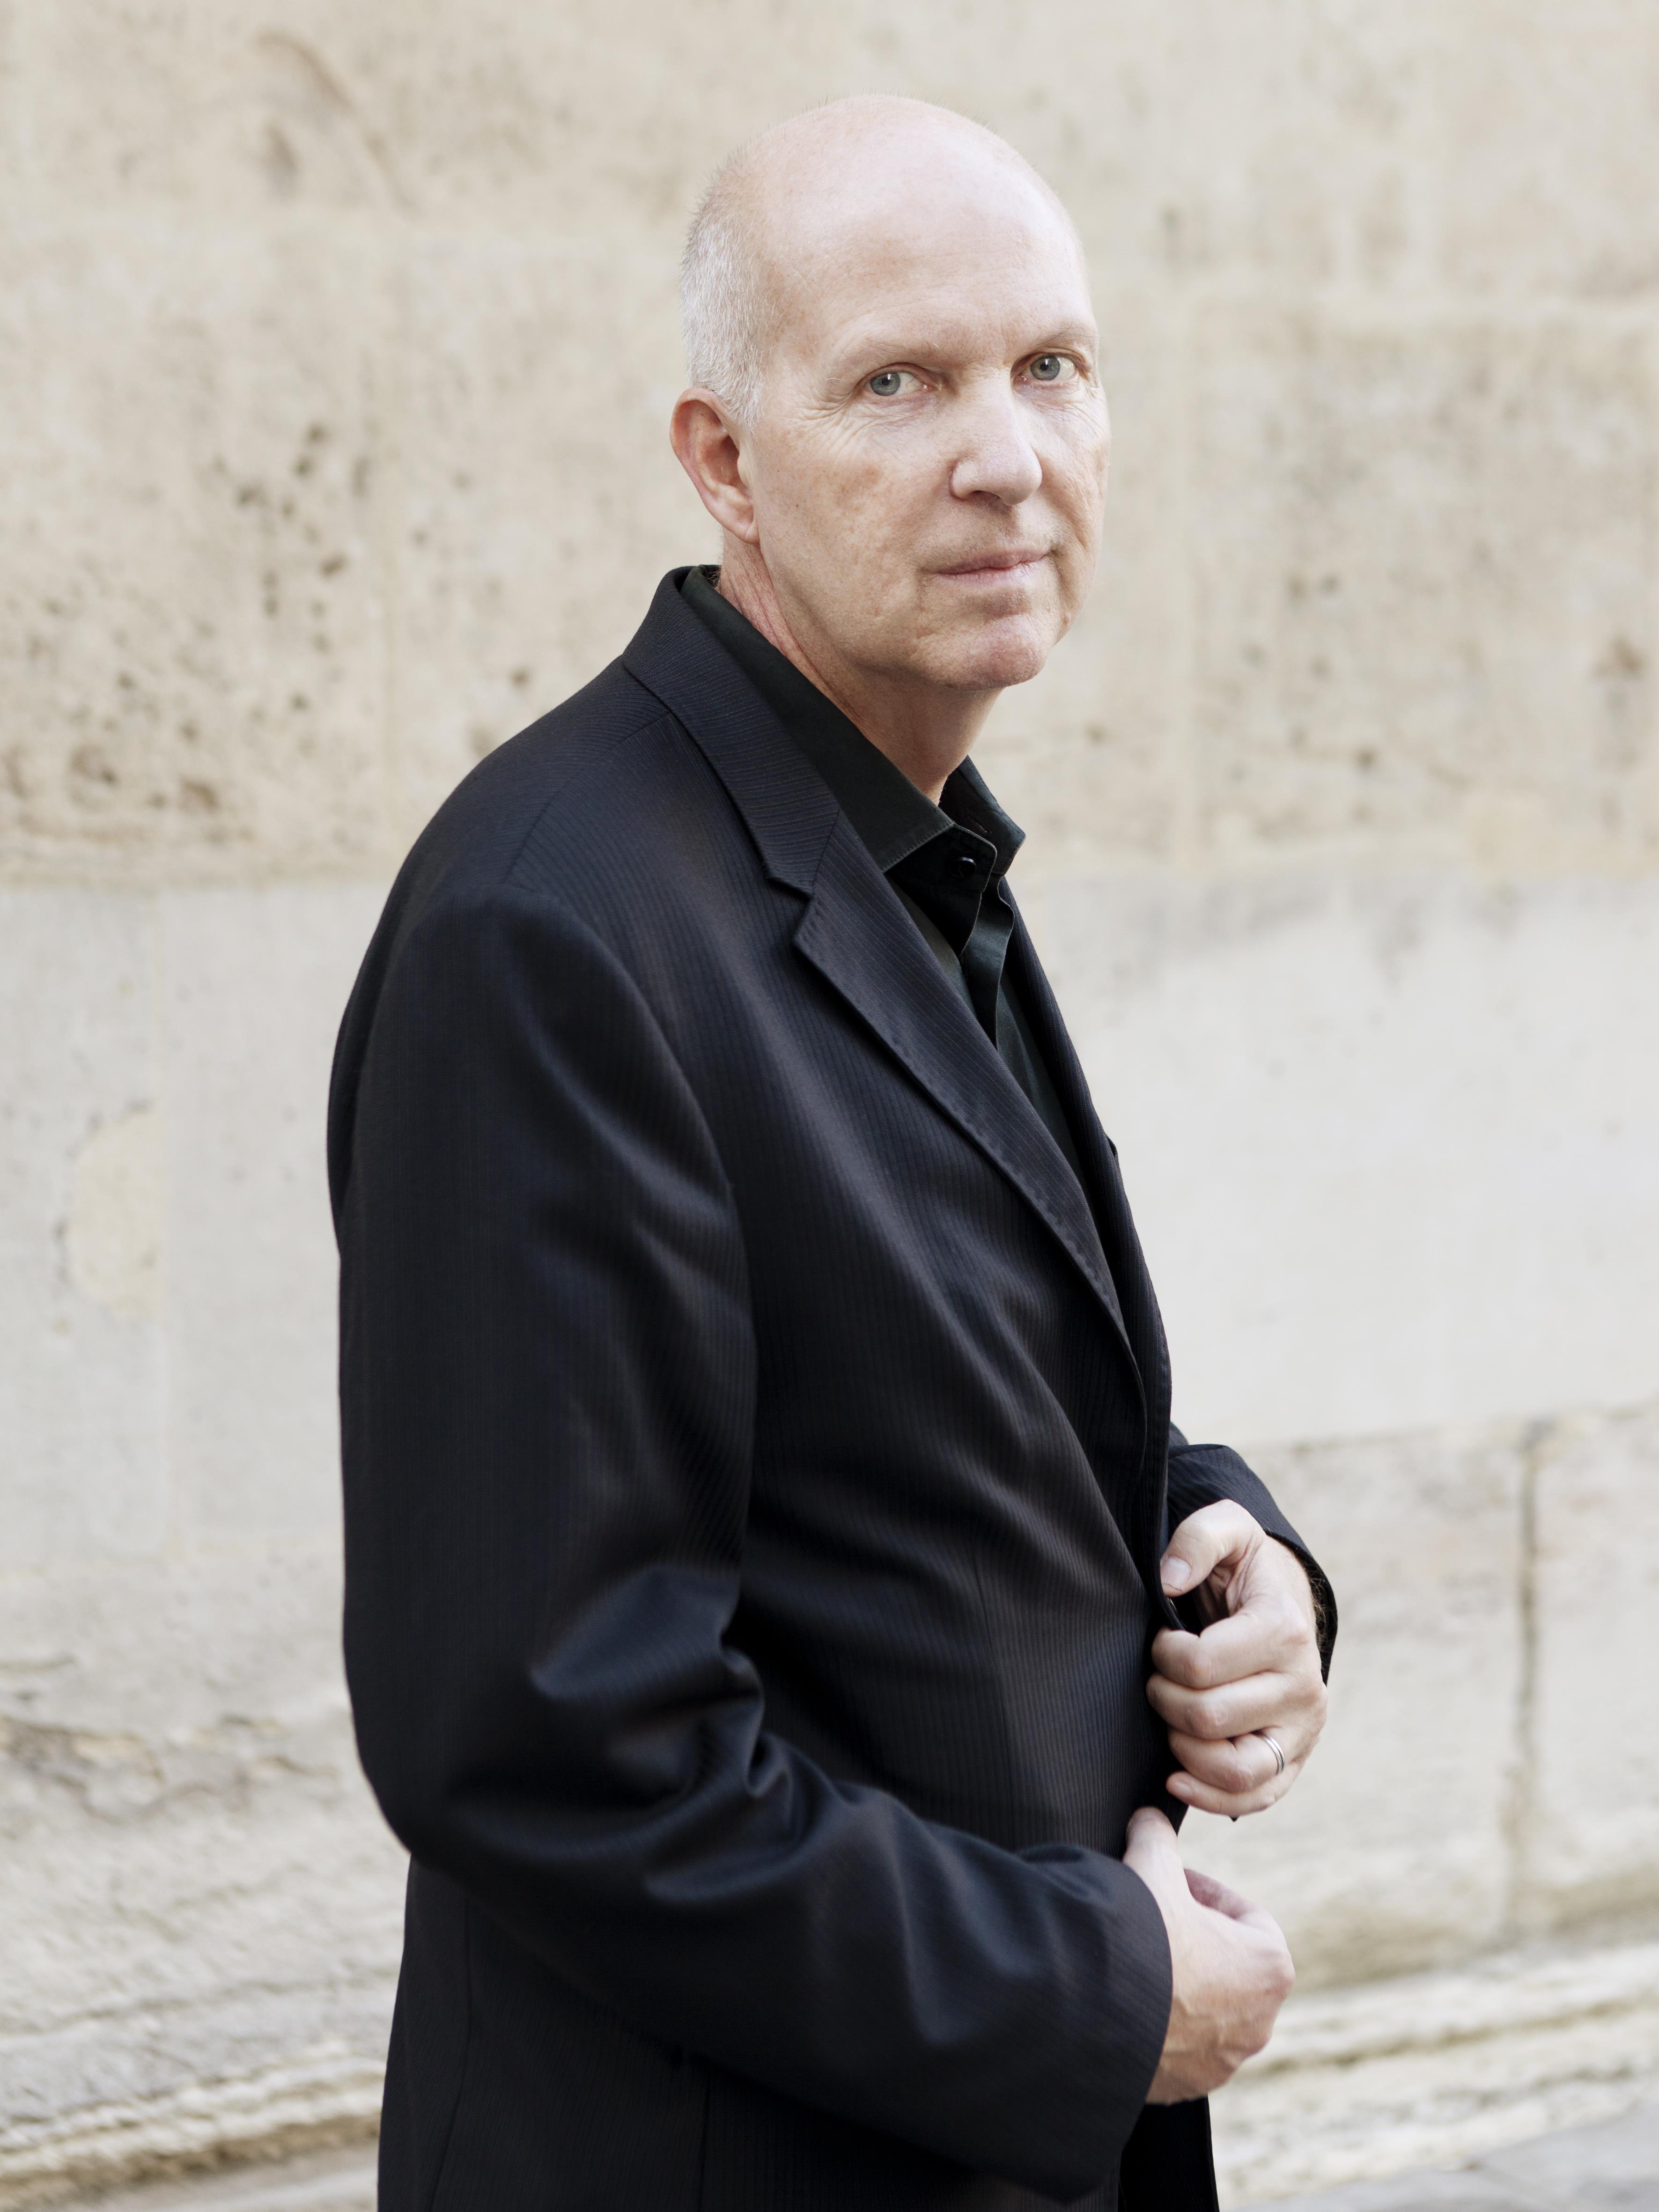 Jean-Philippe Toussaint 2013 © Patrice Normand / Bruit de Lire